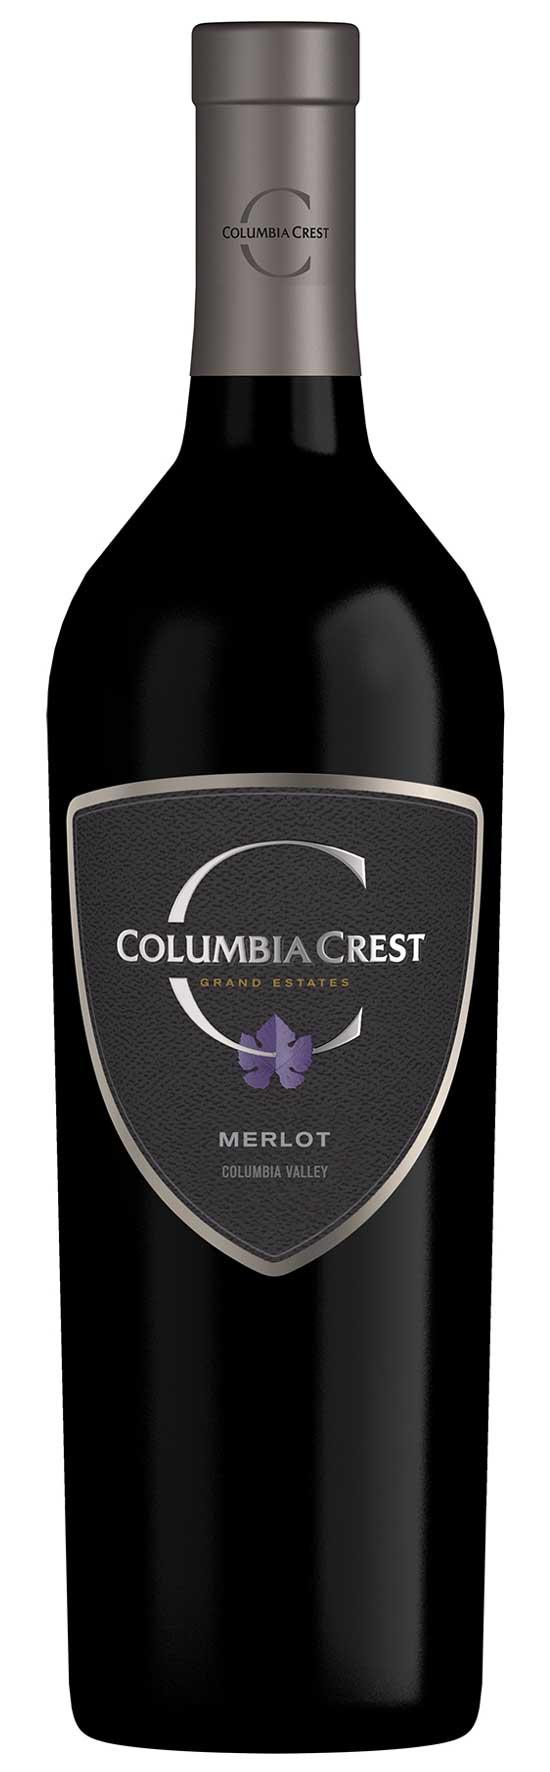 Columbia Crest Grand Estates Merlot 2017